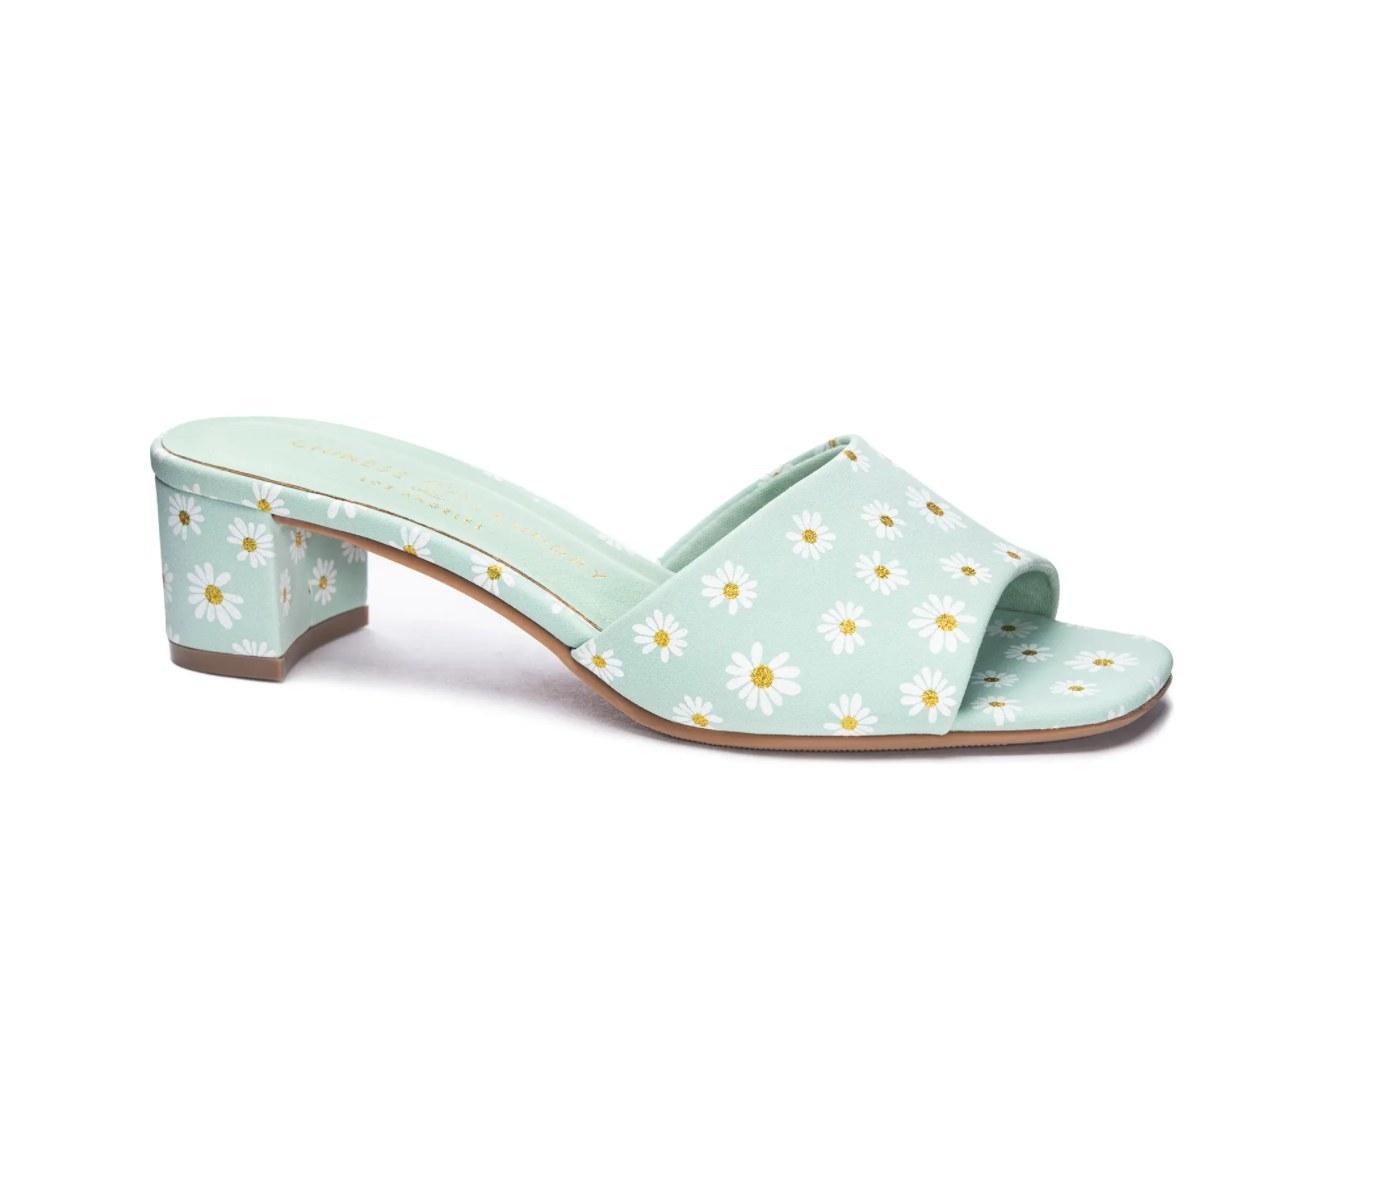 the lana slide sandal in green daisy